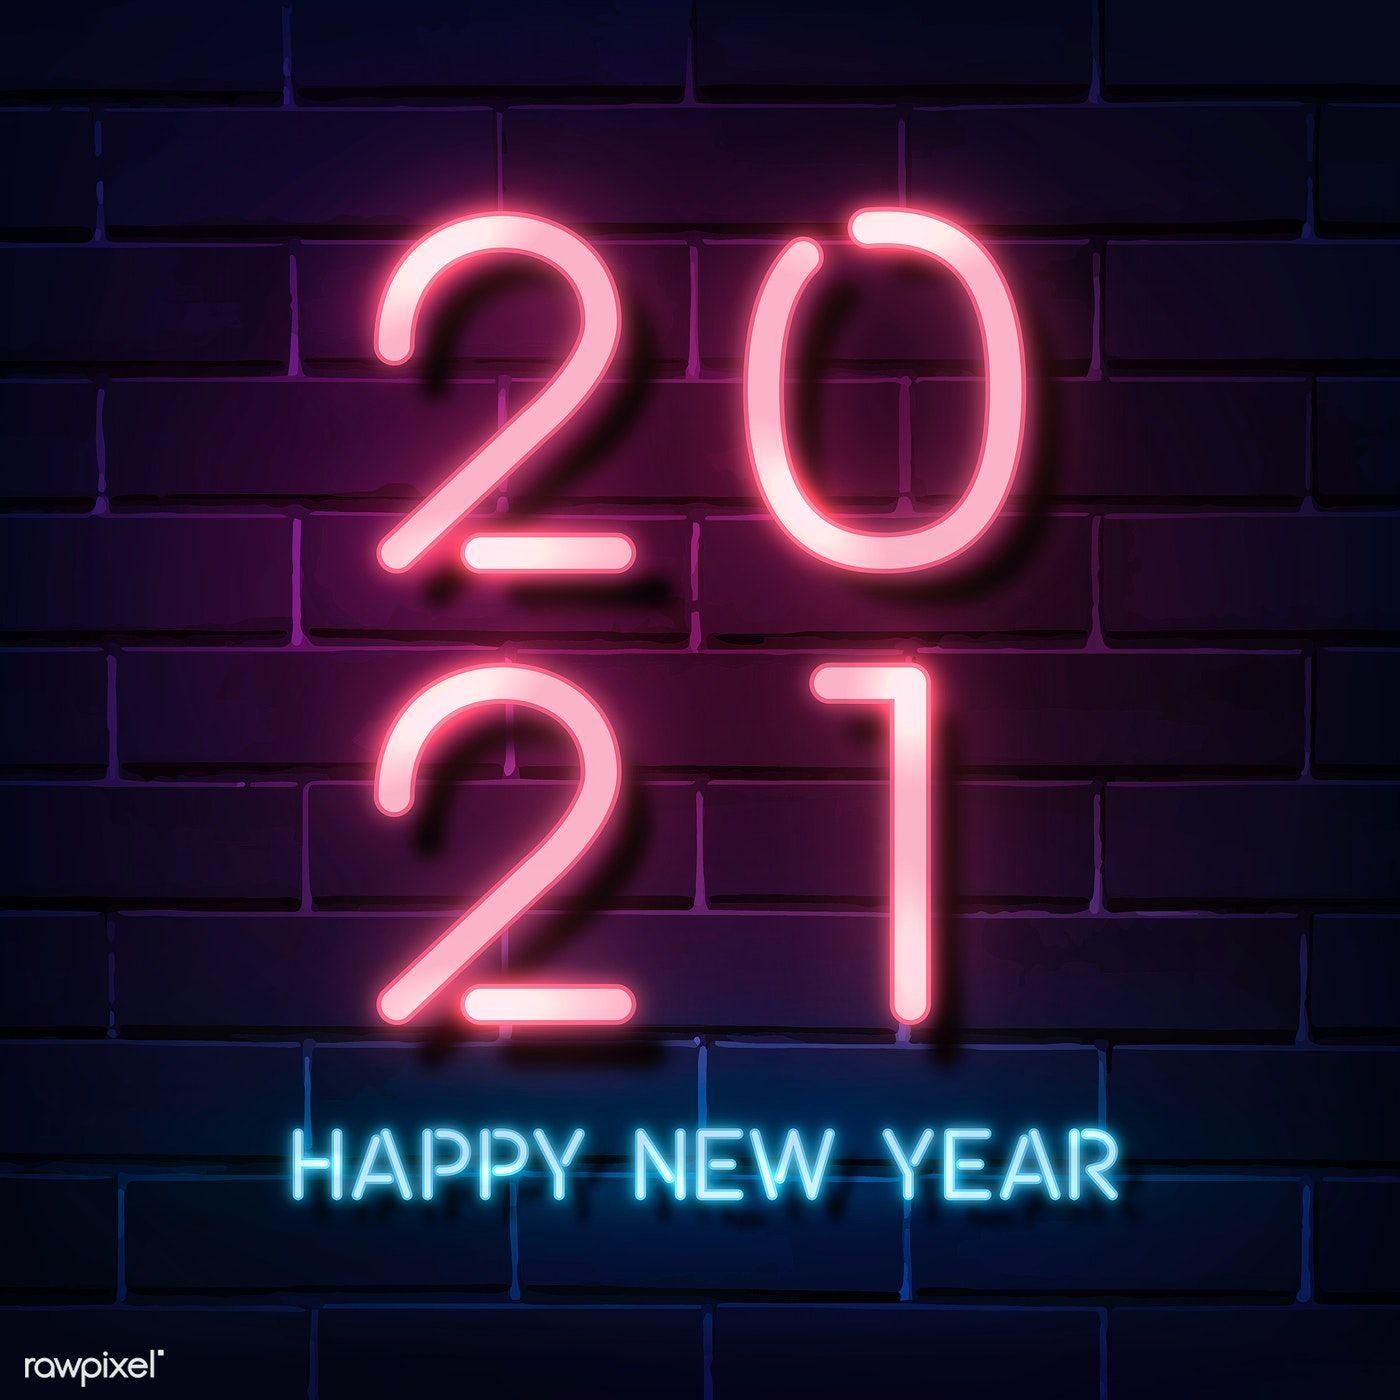 الاجازات في 2021 - العطلات الرسمية